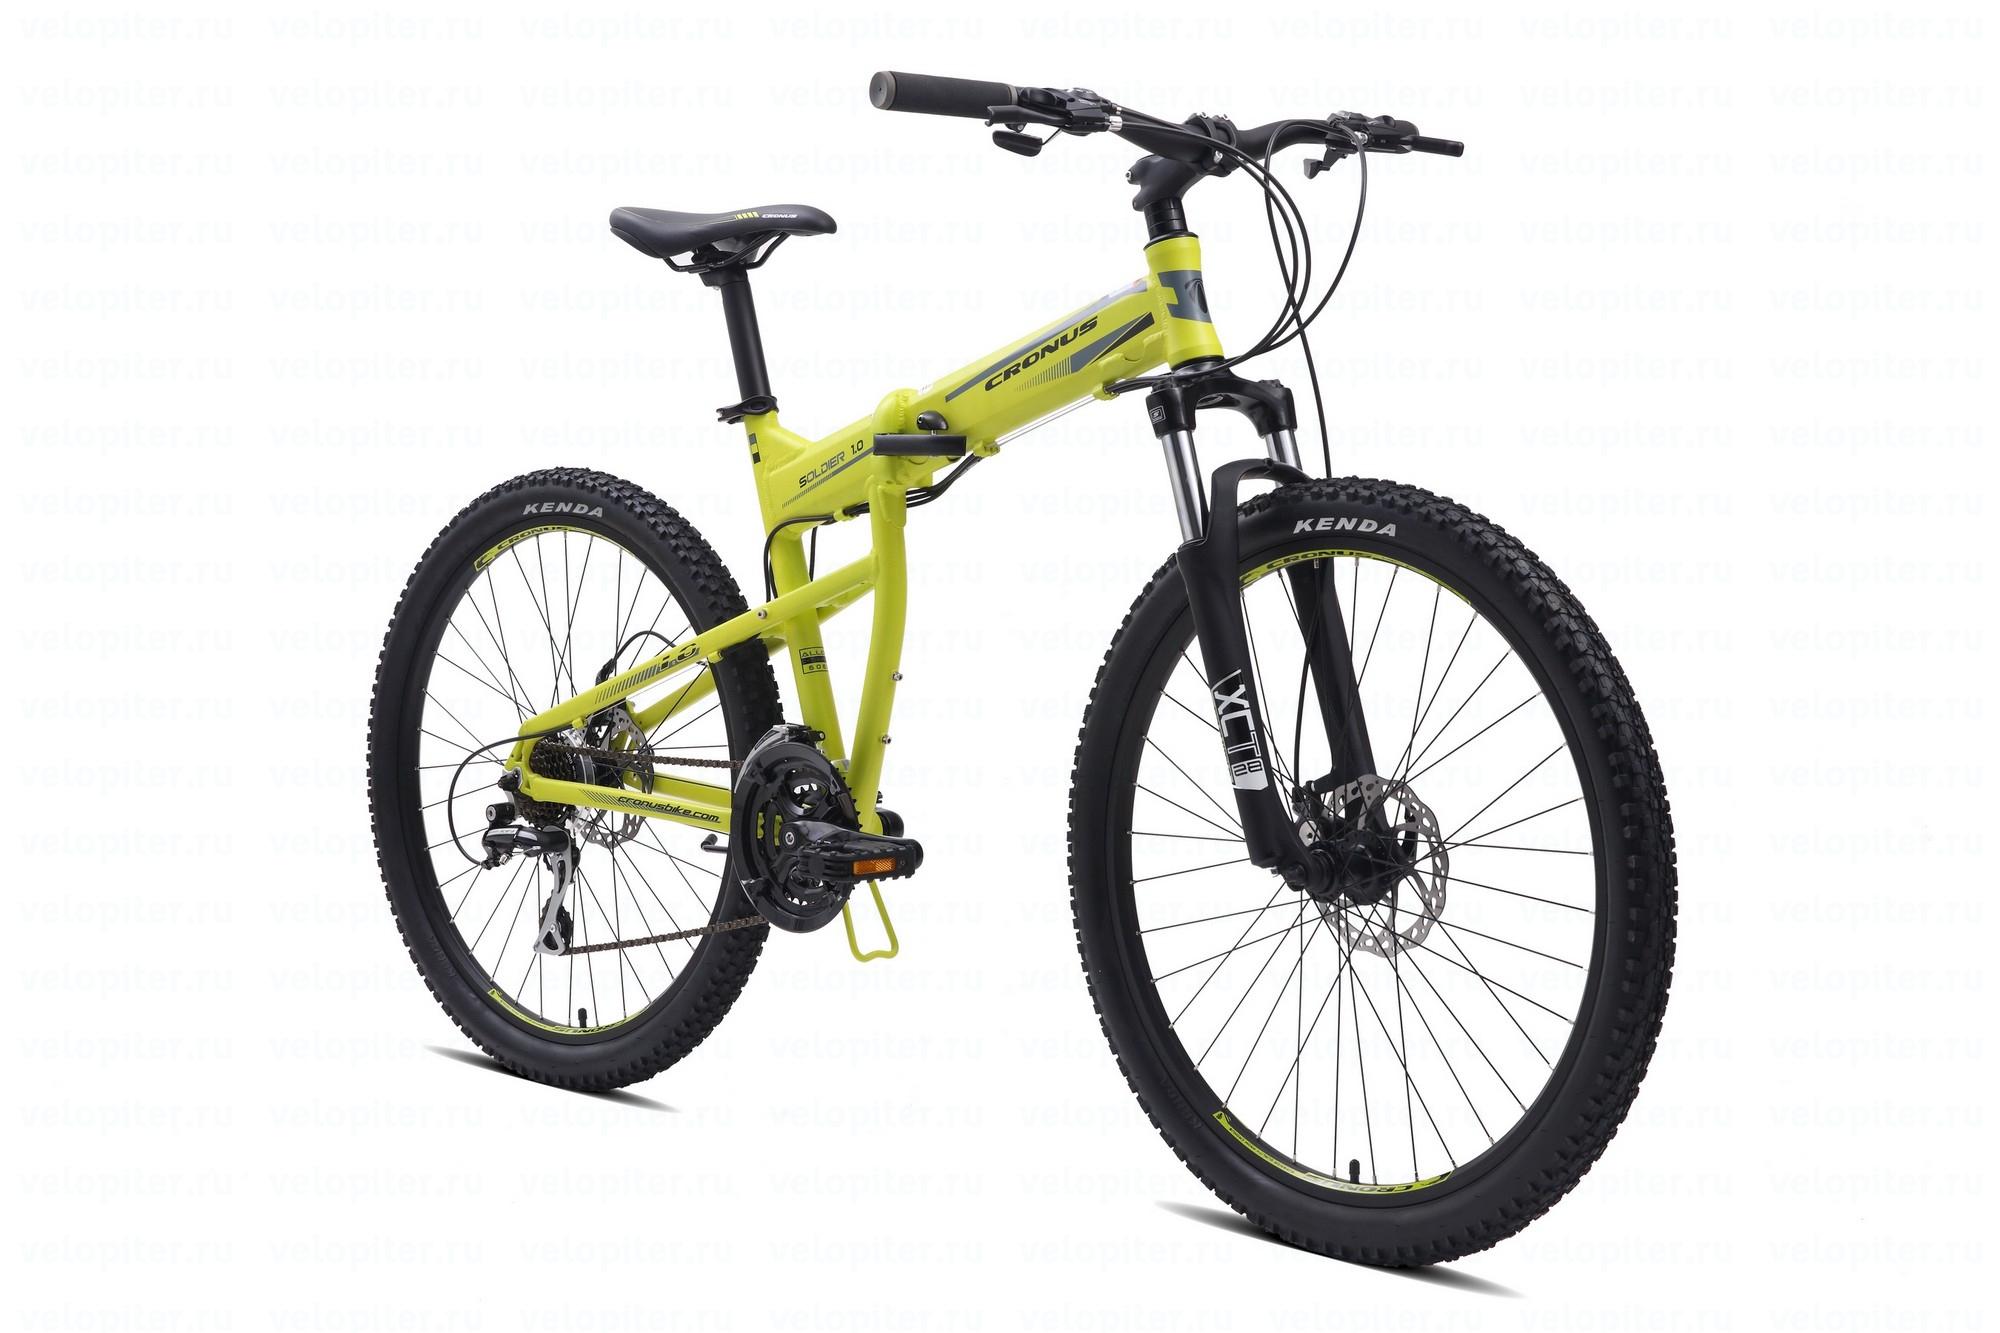 Складные взрослые велосипеды— плюсы и минусы